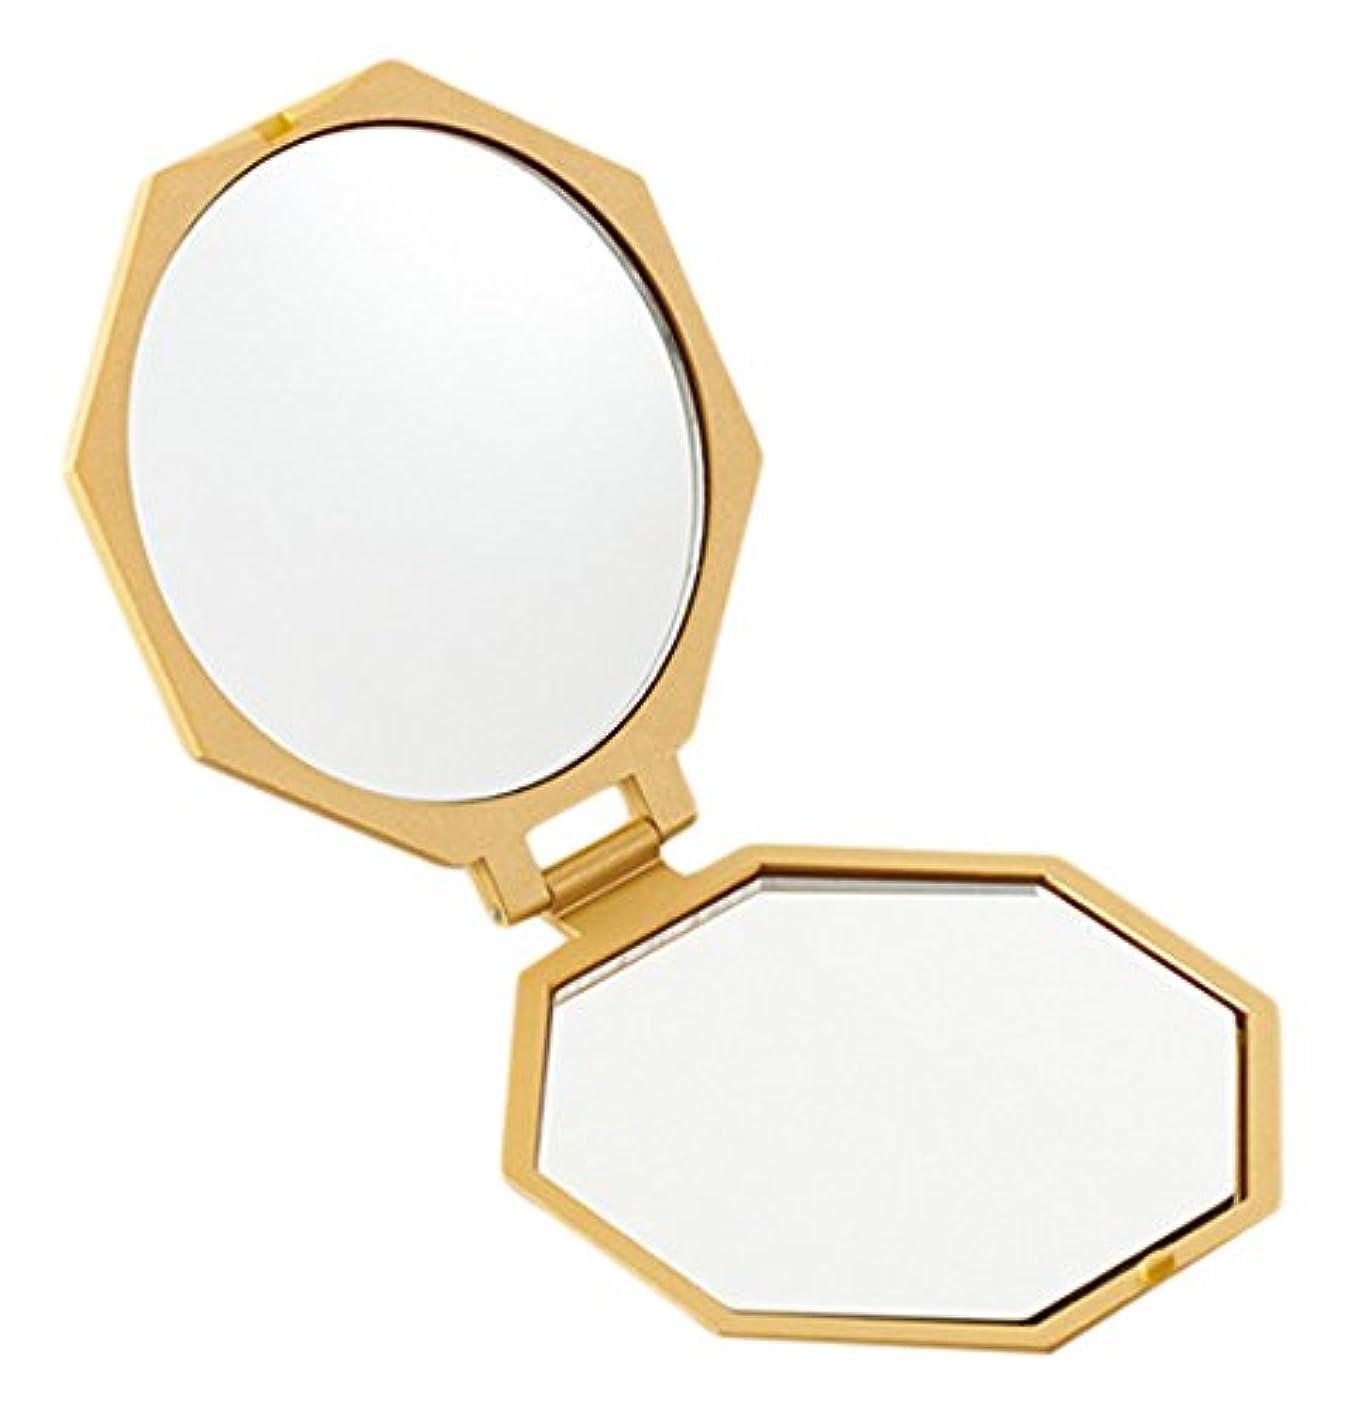 カカドゥ程度必要アイメディア 10倍拡大鏡コンパクト八角ミラー